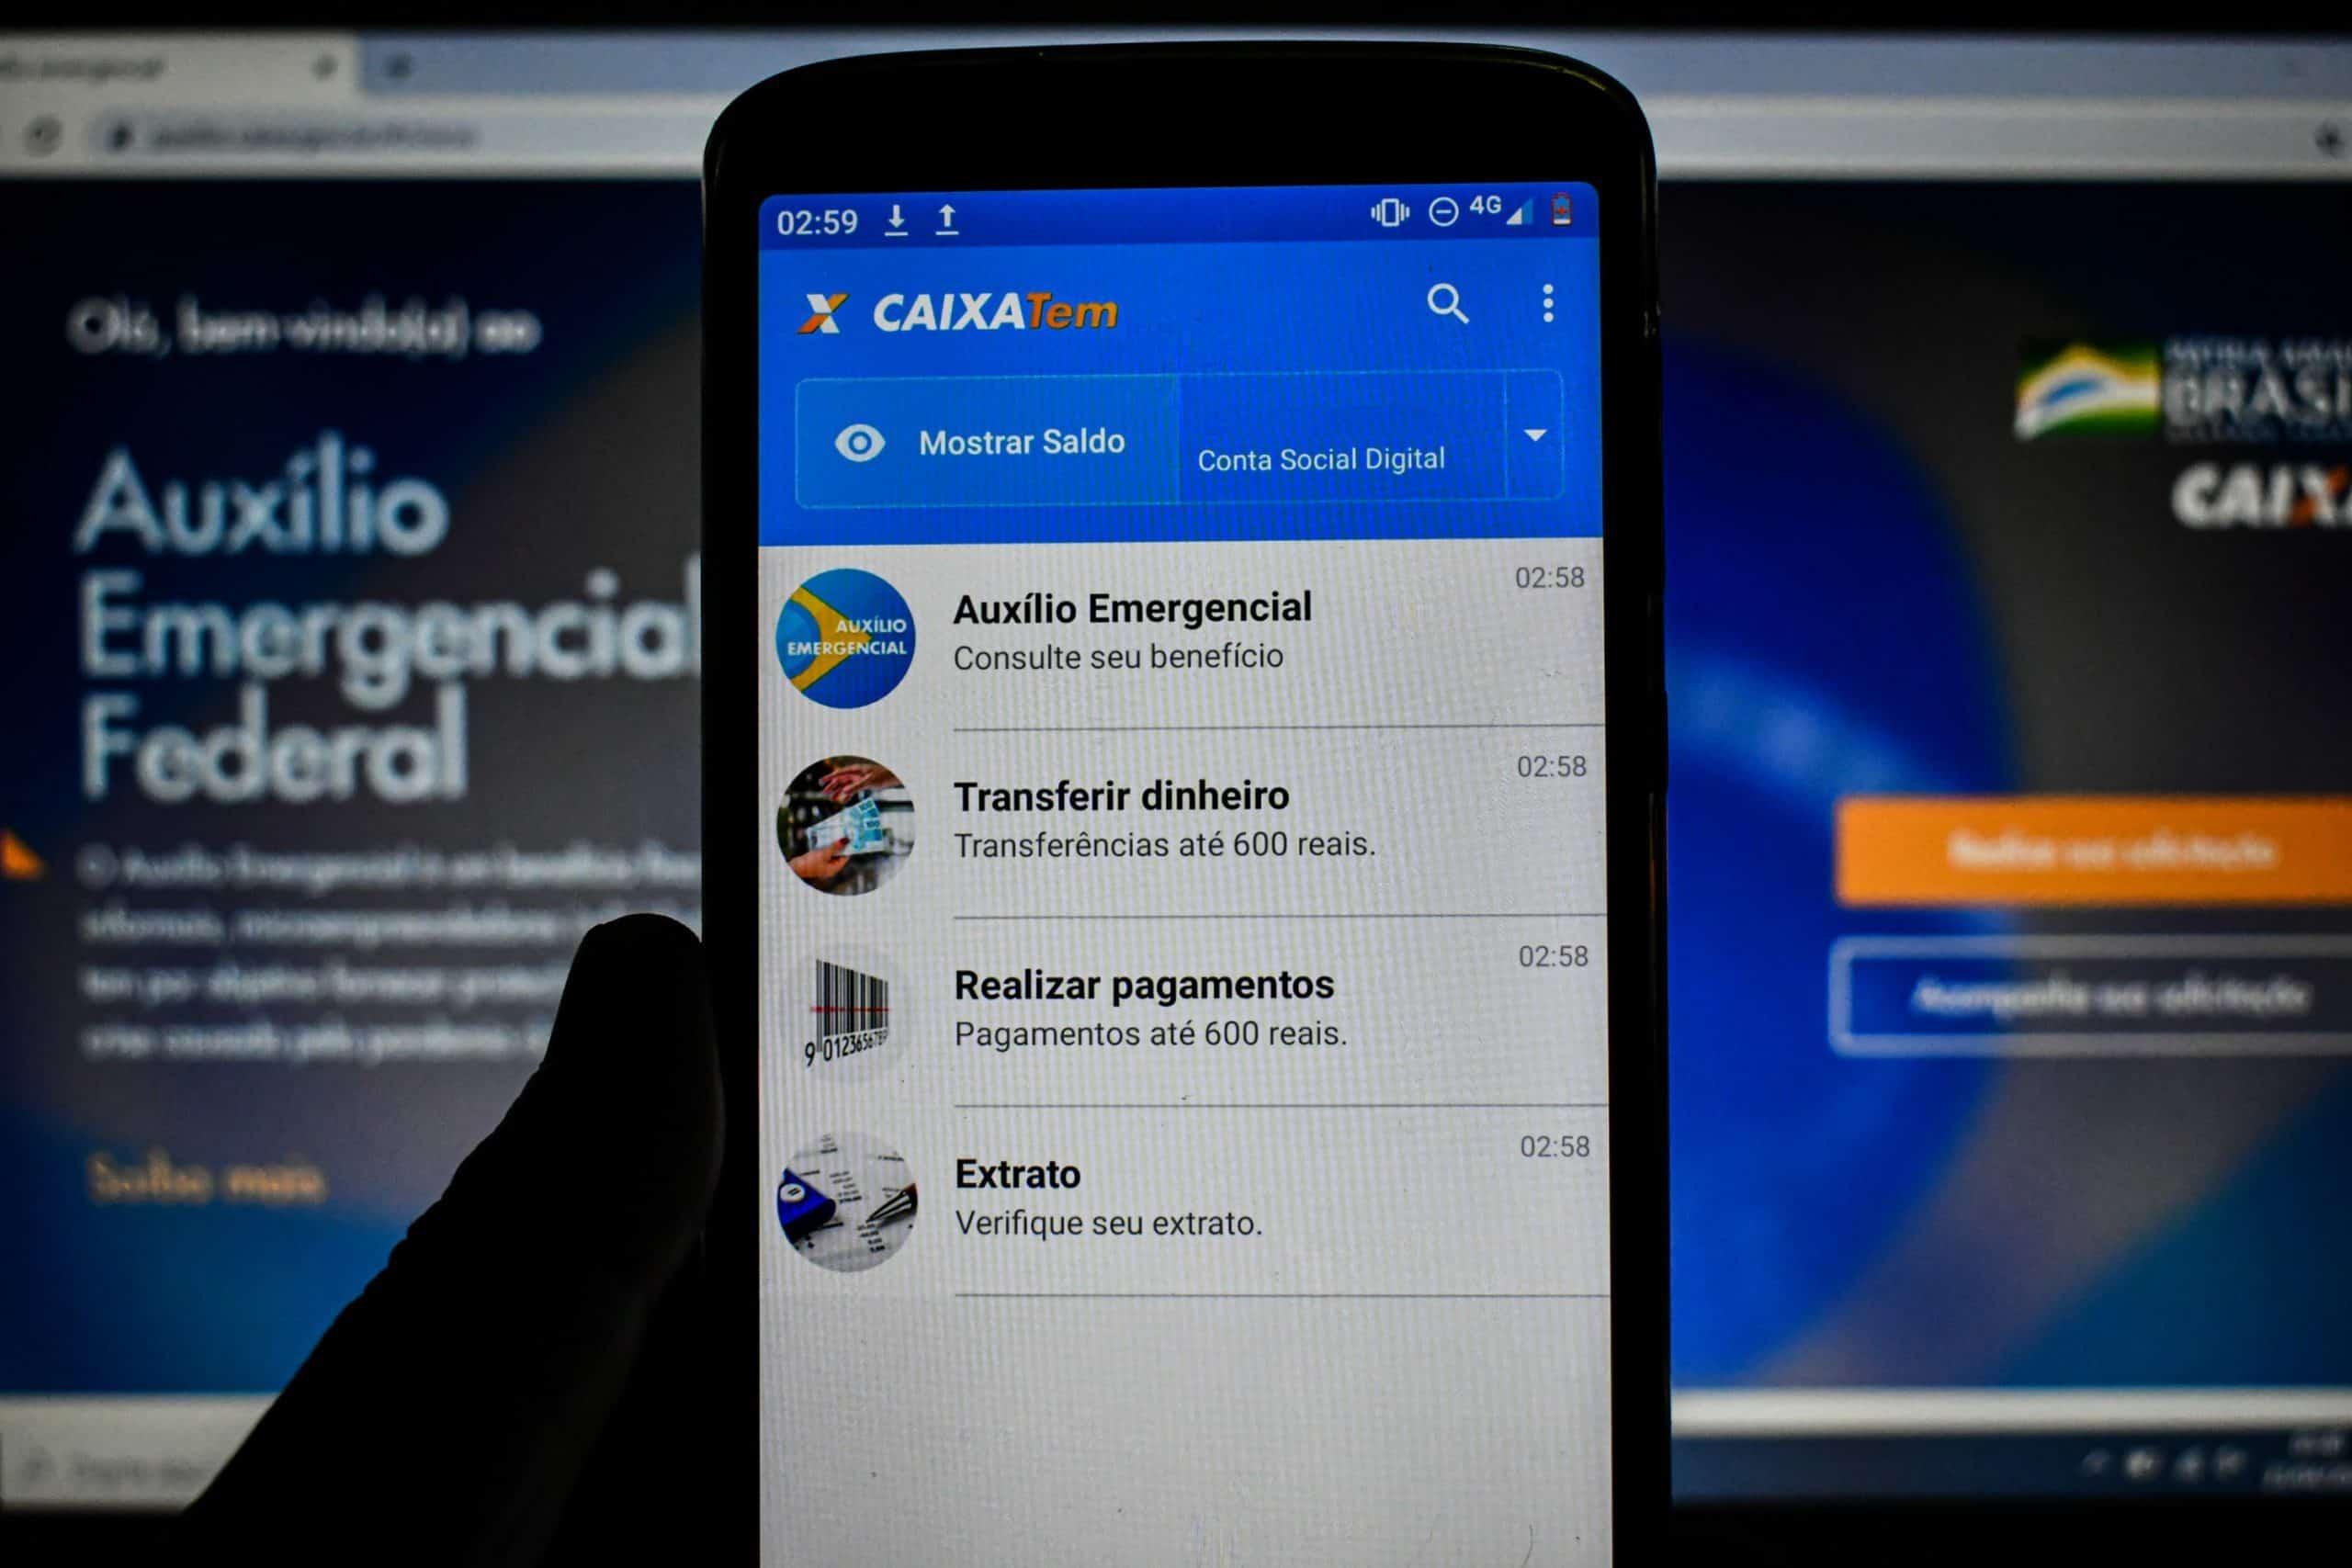 Caixa TEM: Empréstimo online e funções do aplicativo para usuários (Imagem: Reprodução/Google)